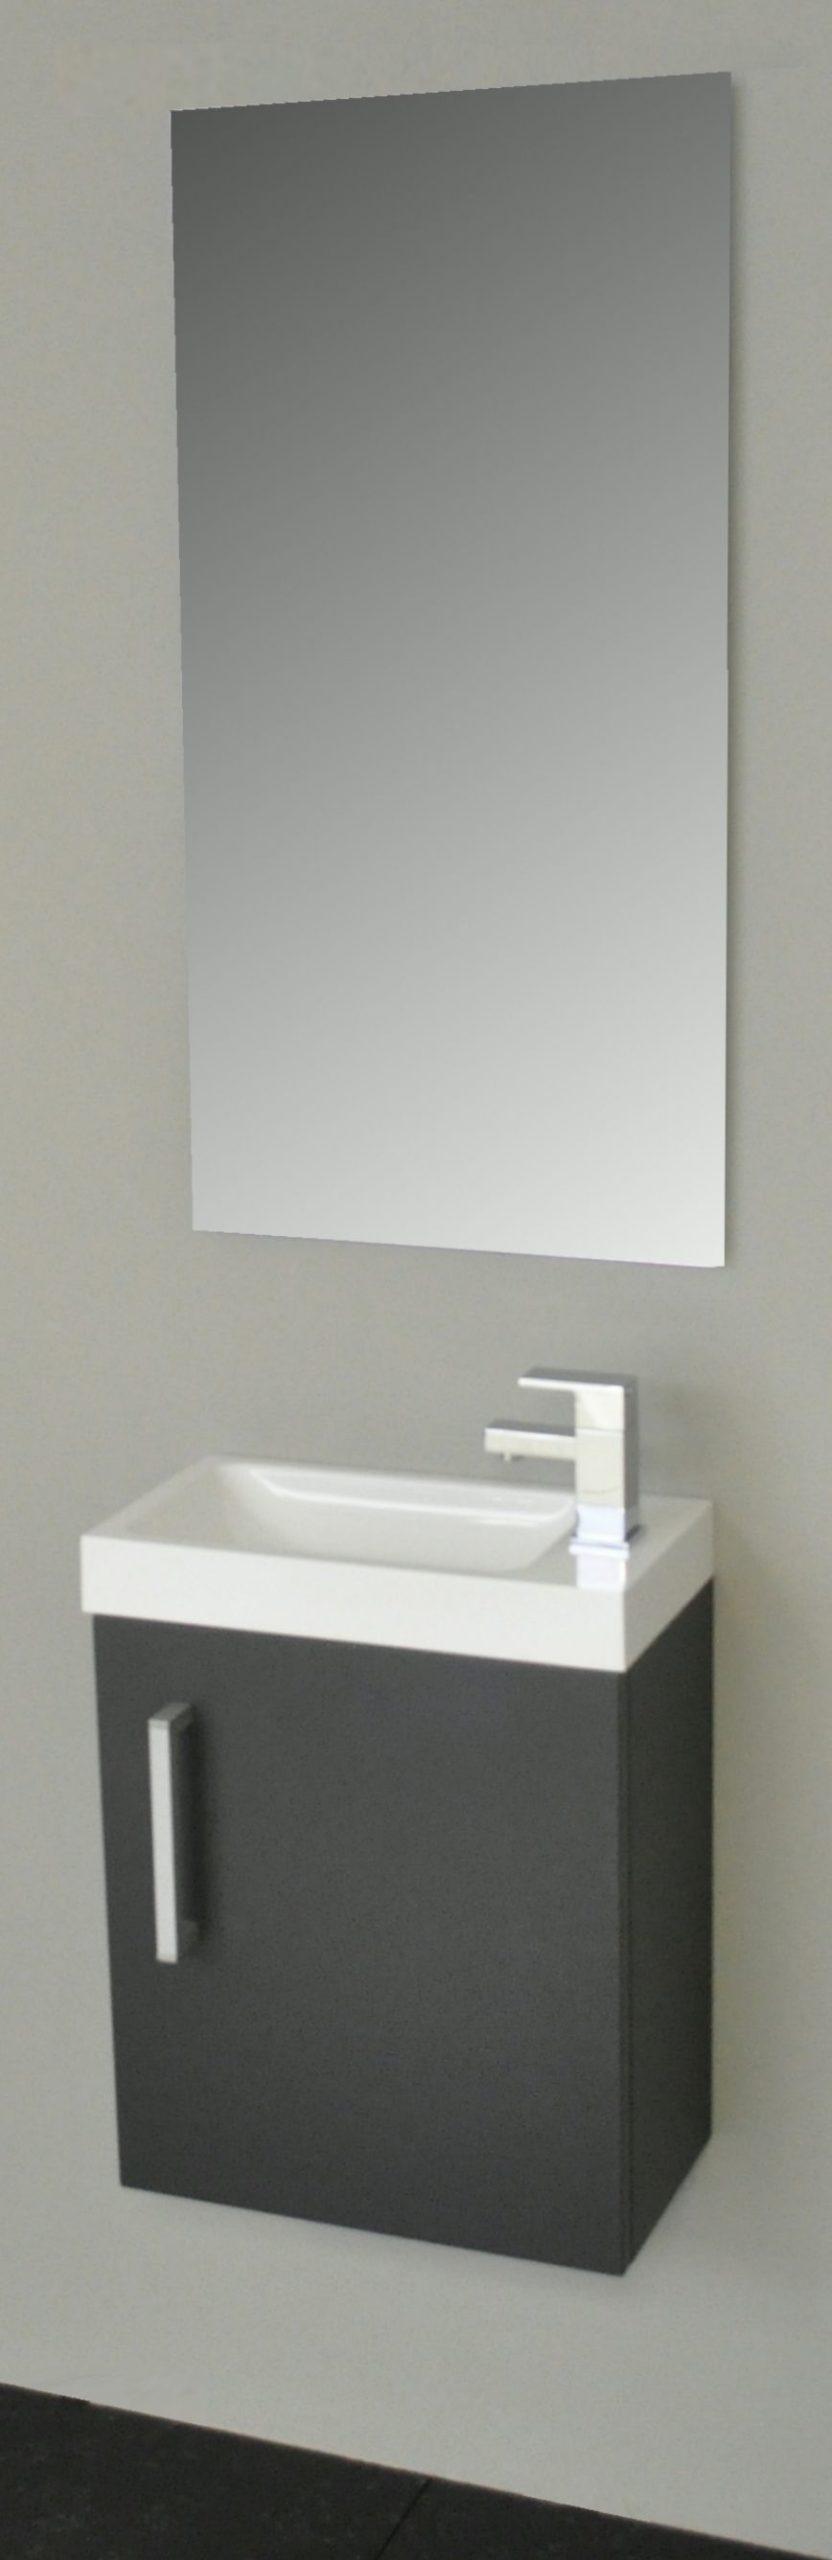 Sanicare toiletmeubel Q40 antraciet 40 cm. met spiegel